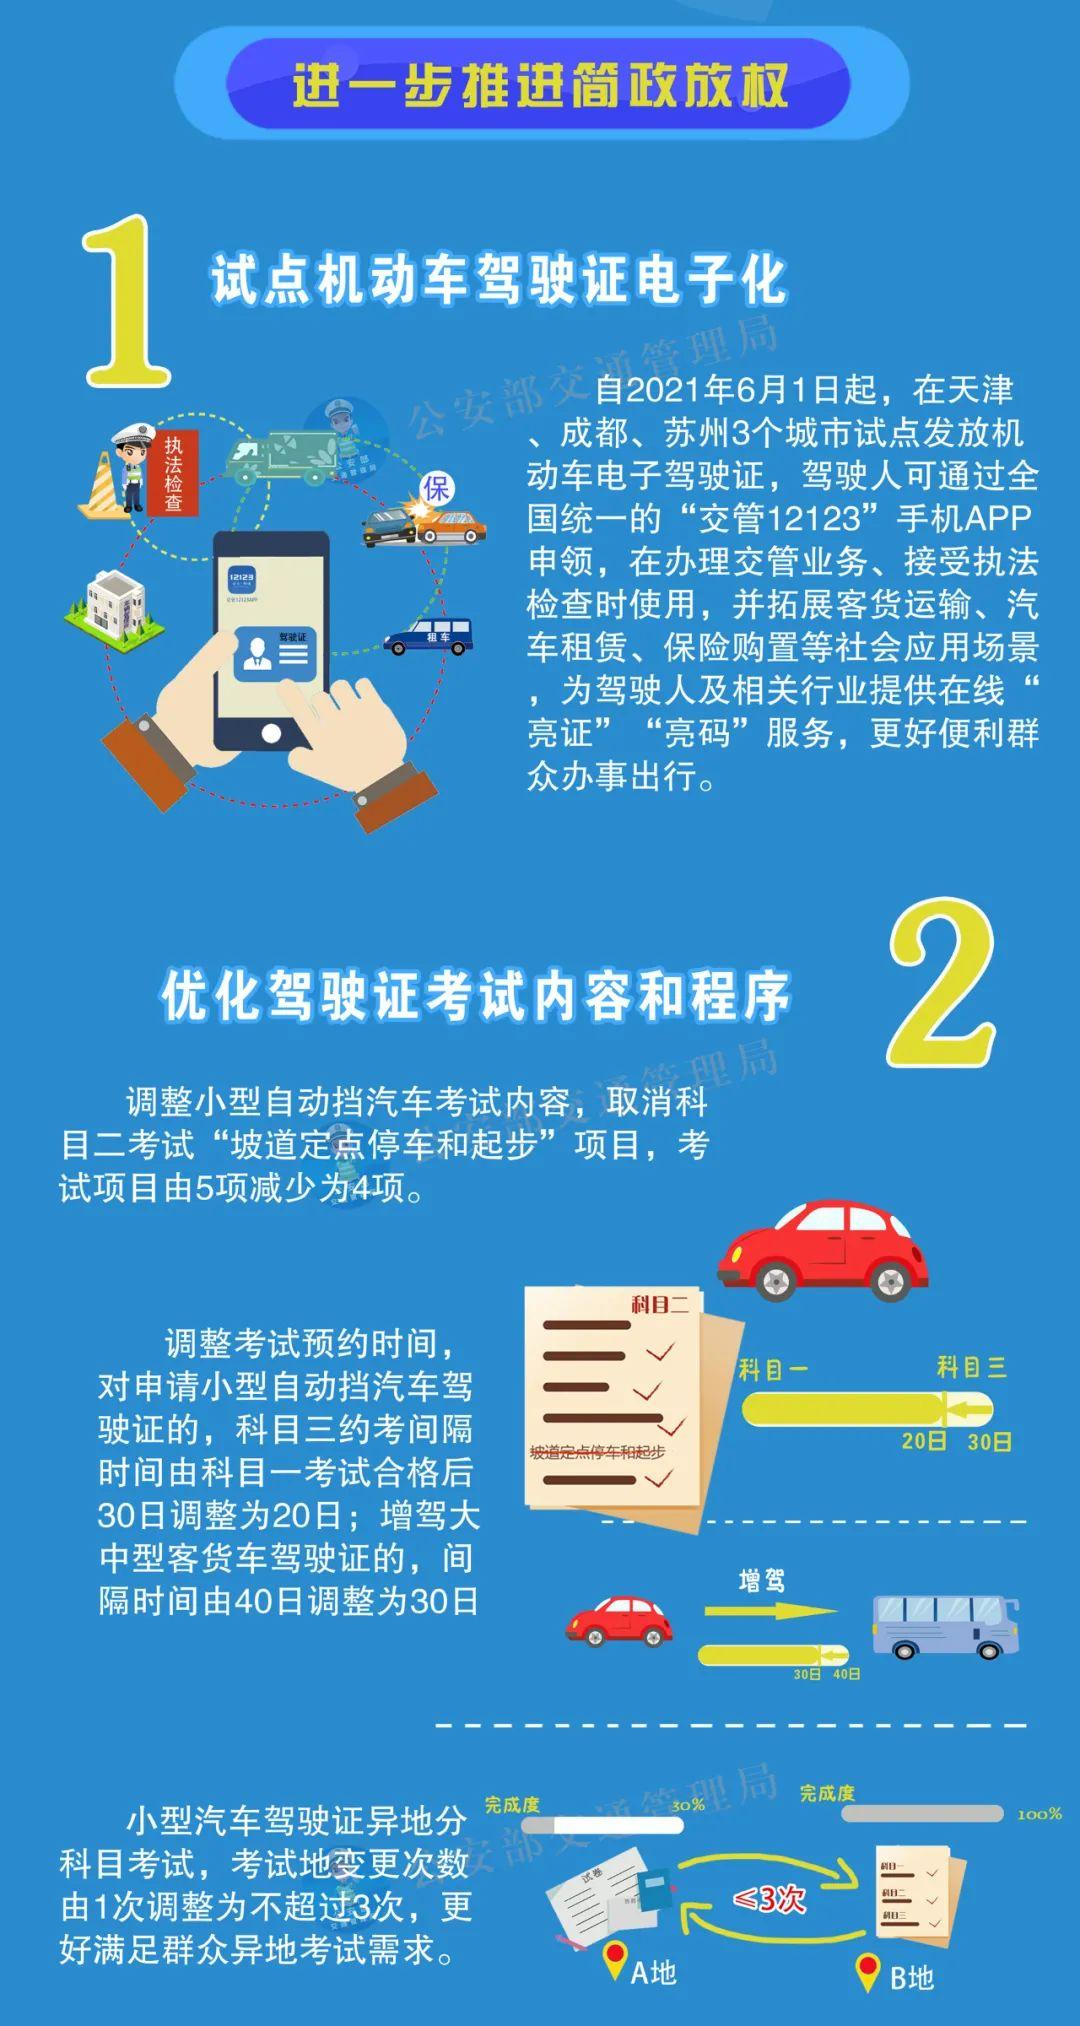 6月1日起实施!公安部推出交管12项便利措施